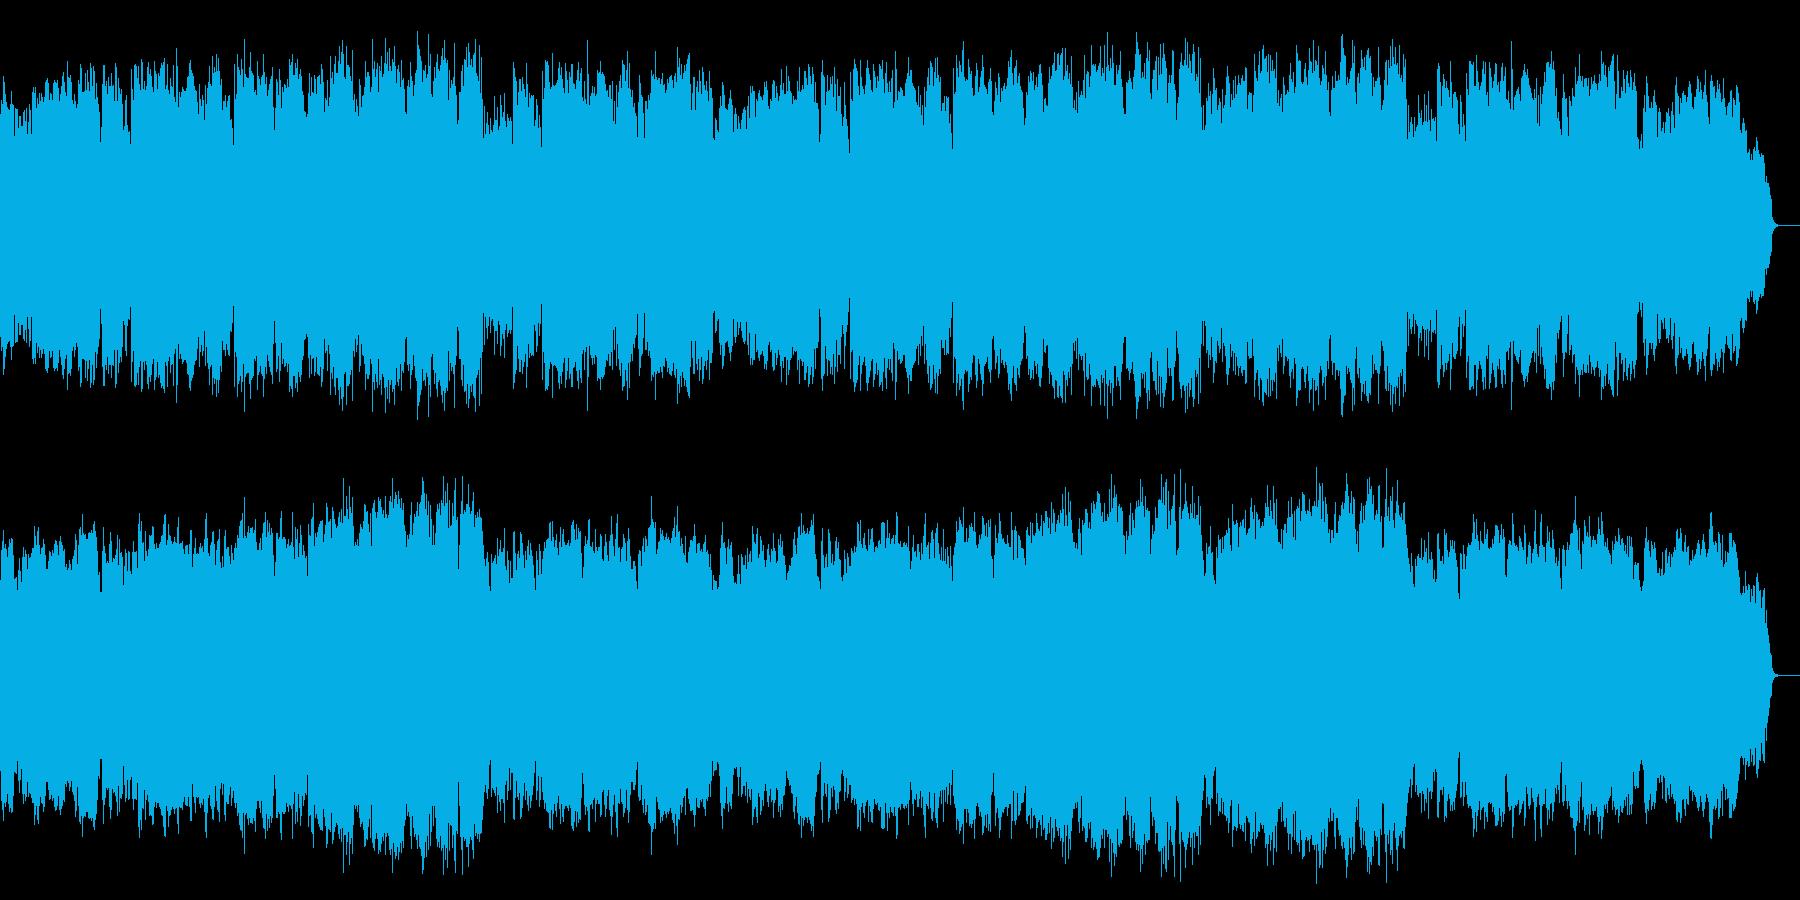 華麗なピアノ伴奏としっとりしたSAX演奏の再生済みの波形